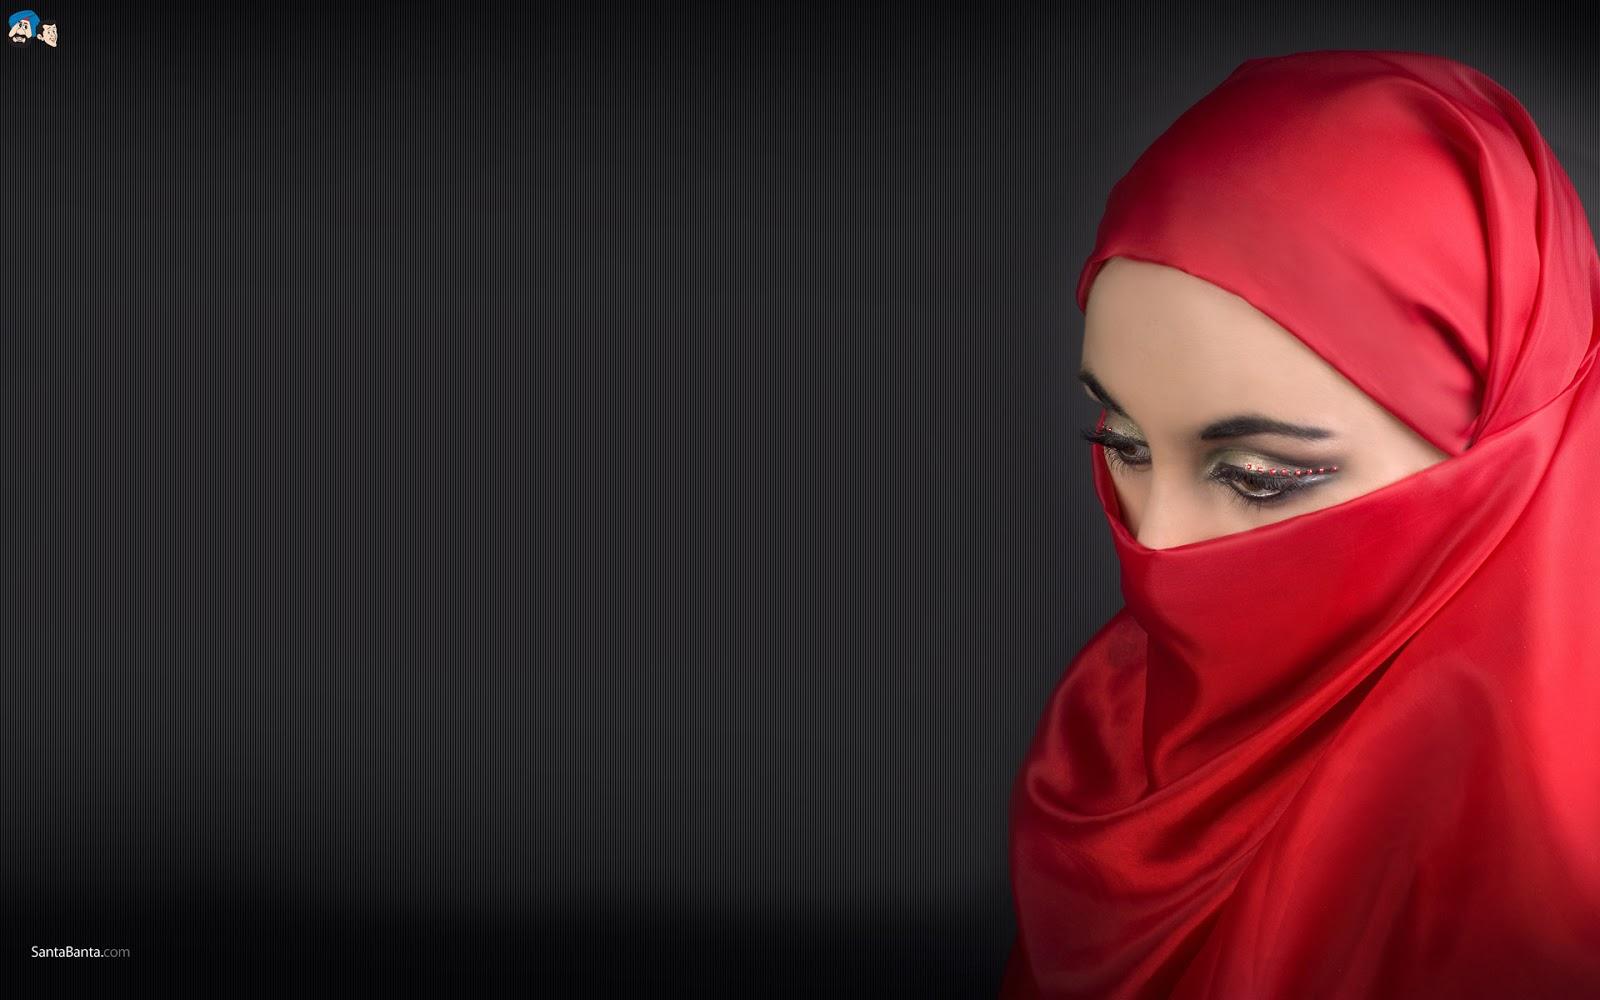 Gambar Wanita Arab  hairstylegalleries.com